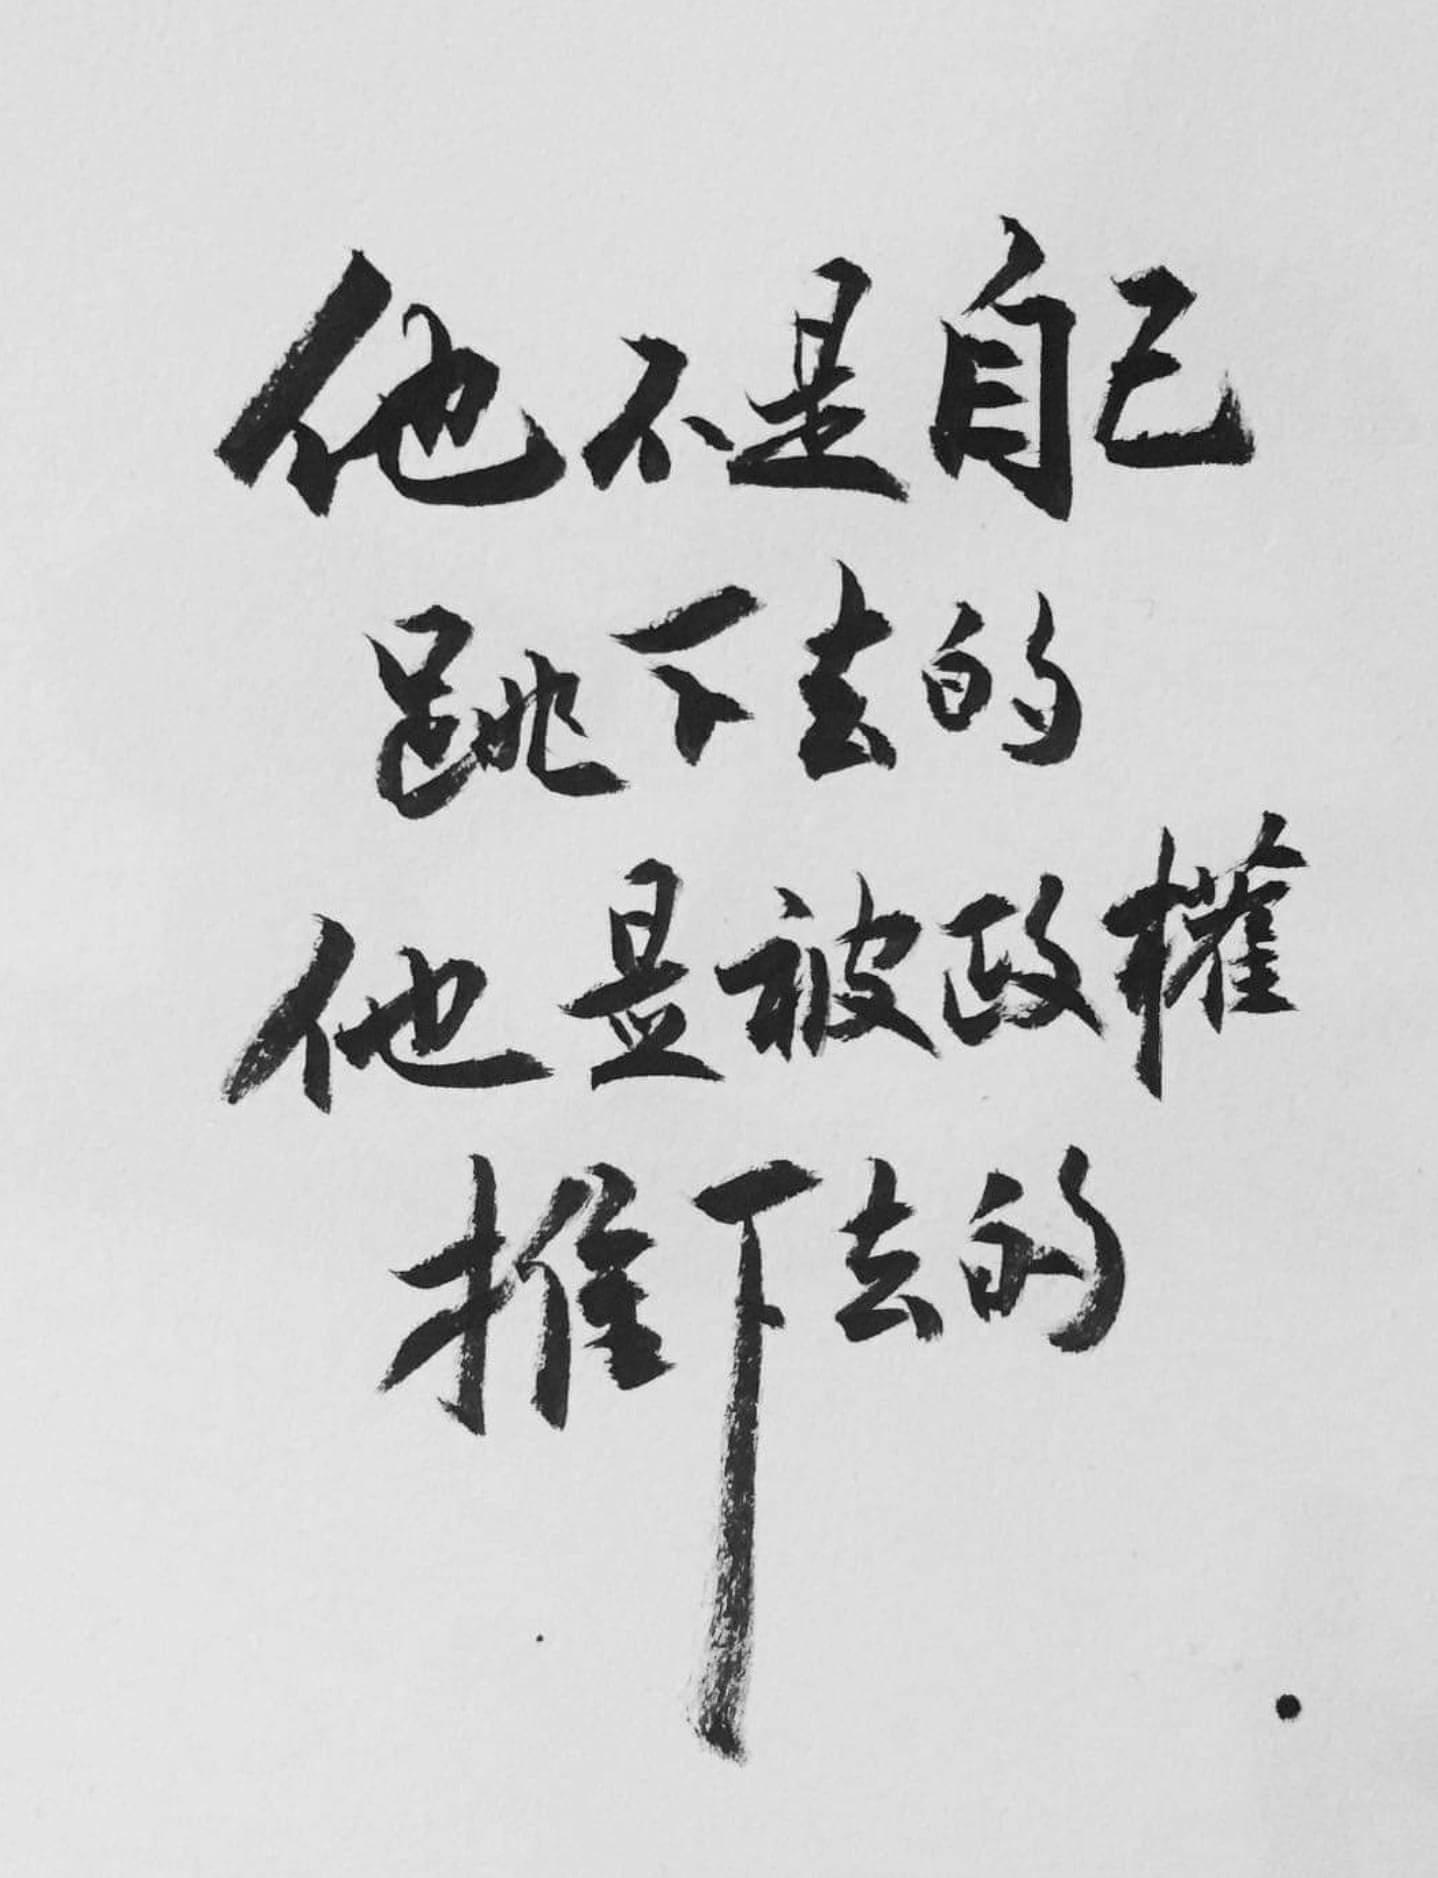 [img]https://upload.cc/i1/2019/06/16/pzWOa7.png[/img]